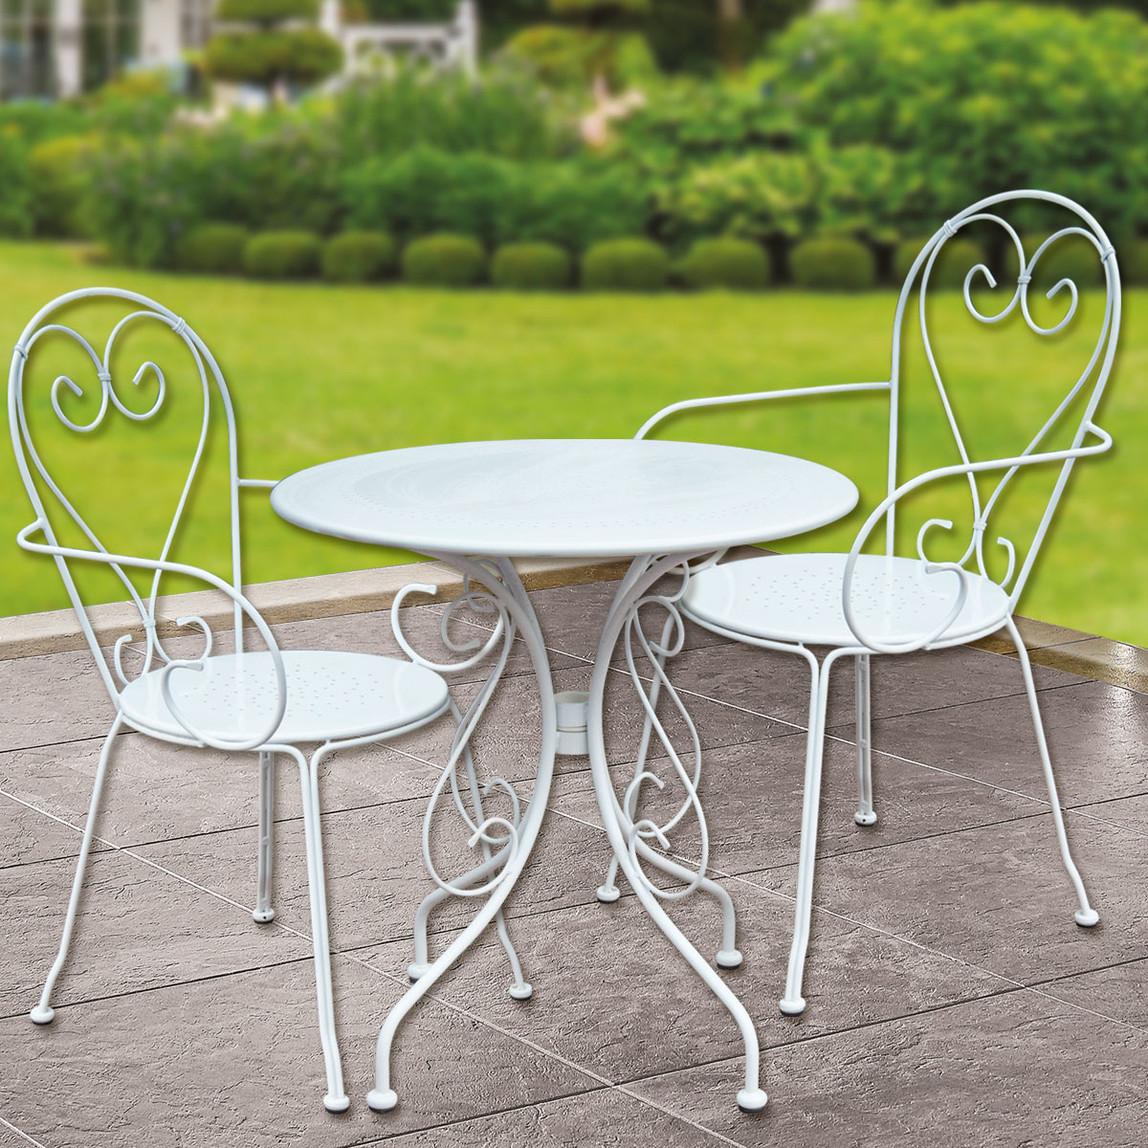 Sunfun Steel Metal Bahçe Sandalyesi Beyaz